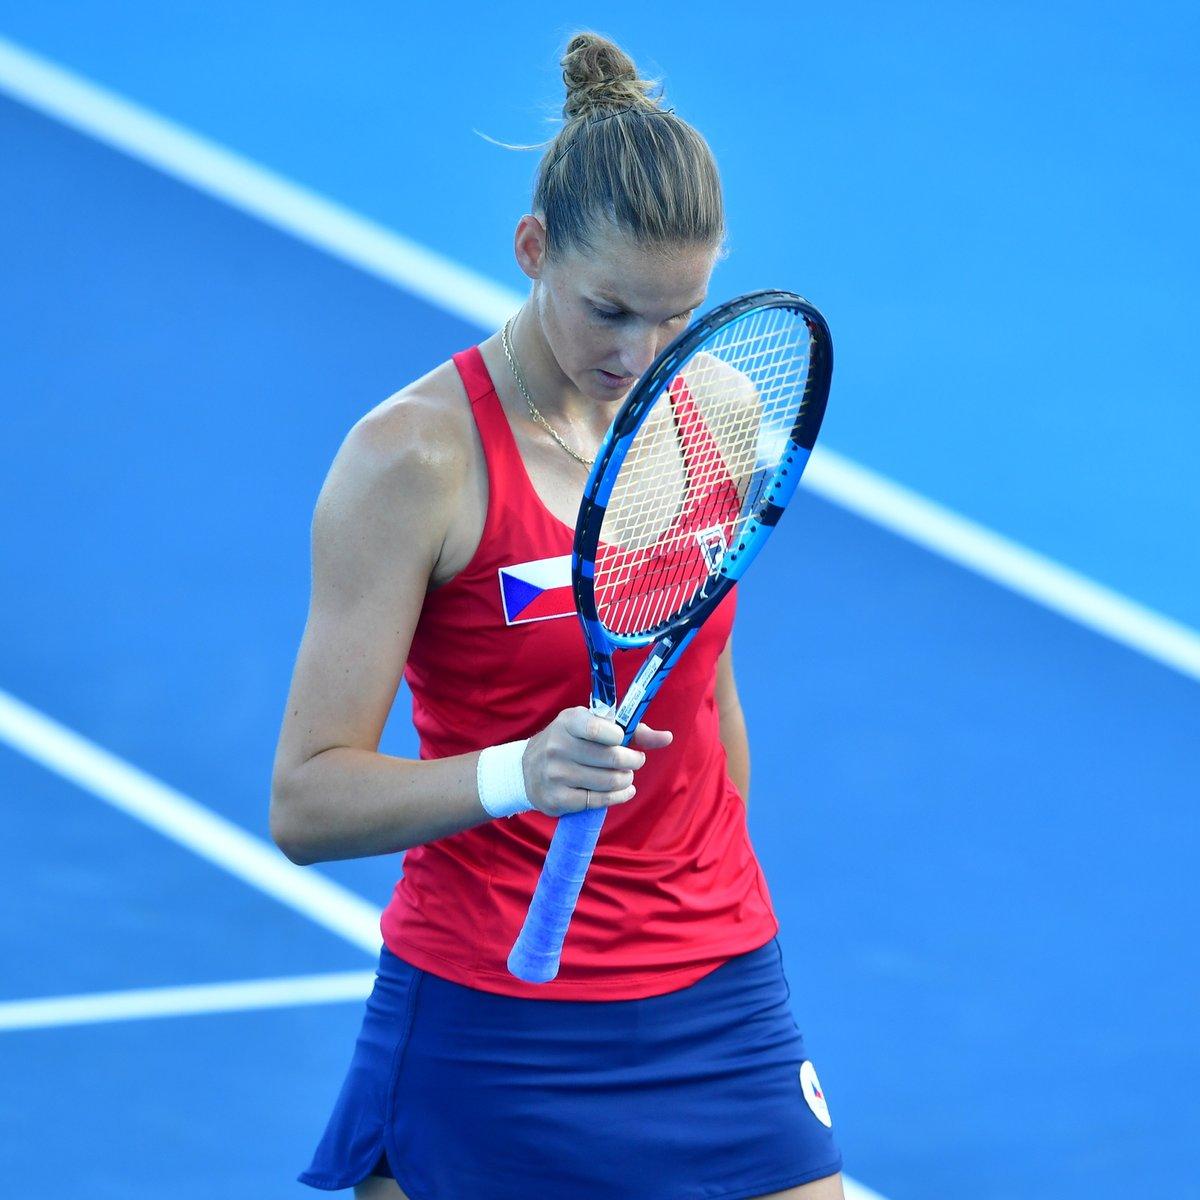 Tenistka Karolína Plíšková smutně přihlížela porážce s Camilou Giorgiovou z Itálie